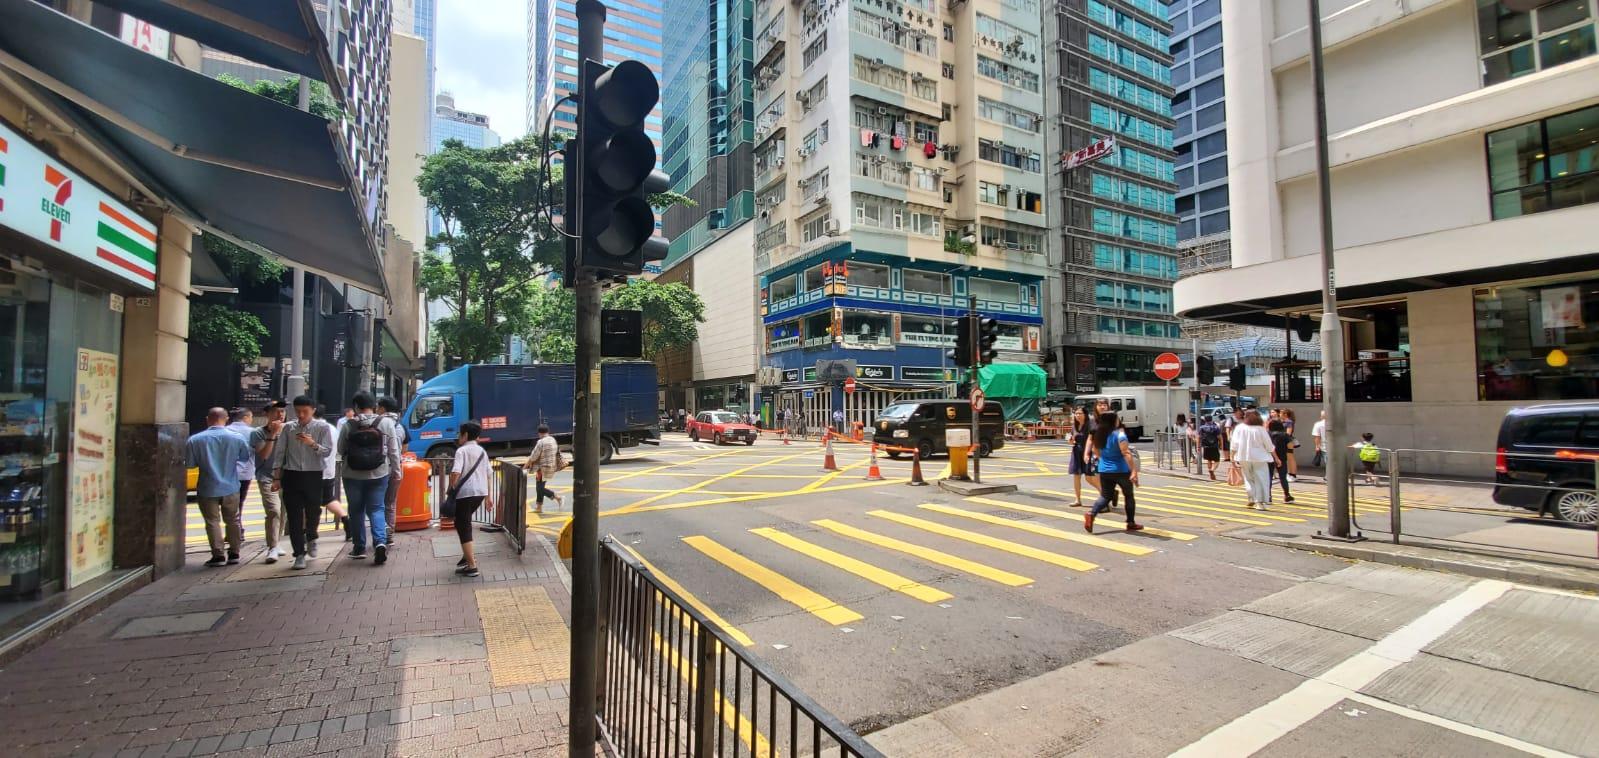 駱克道分域街交界一組十字路口紅綠燈亦故障未能運作。